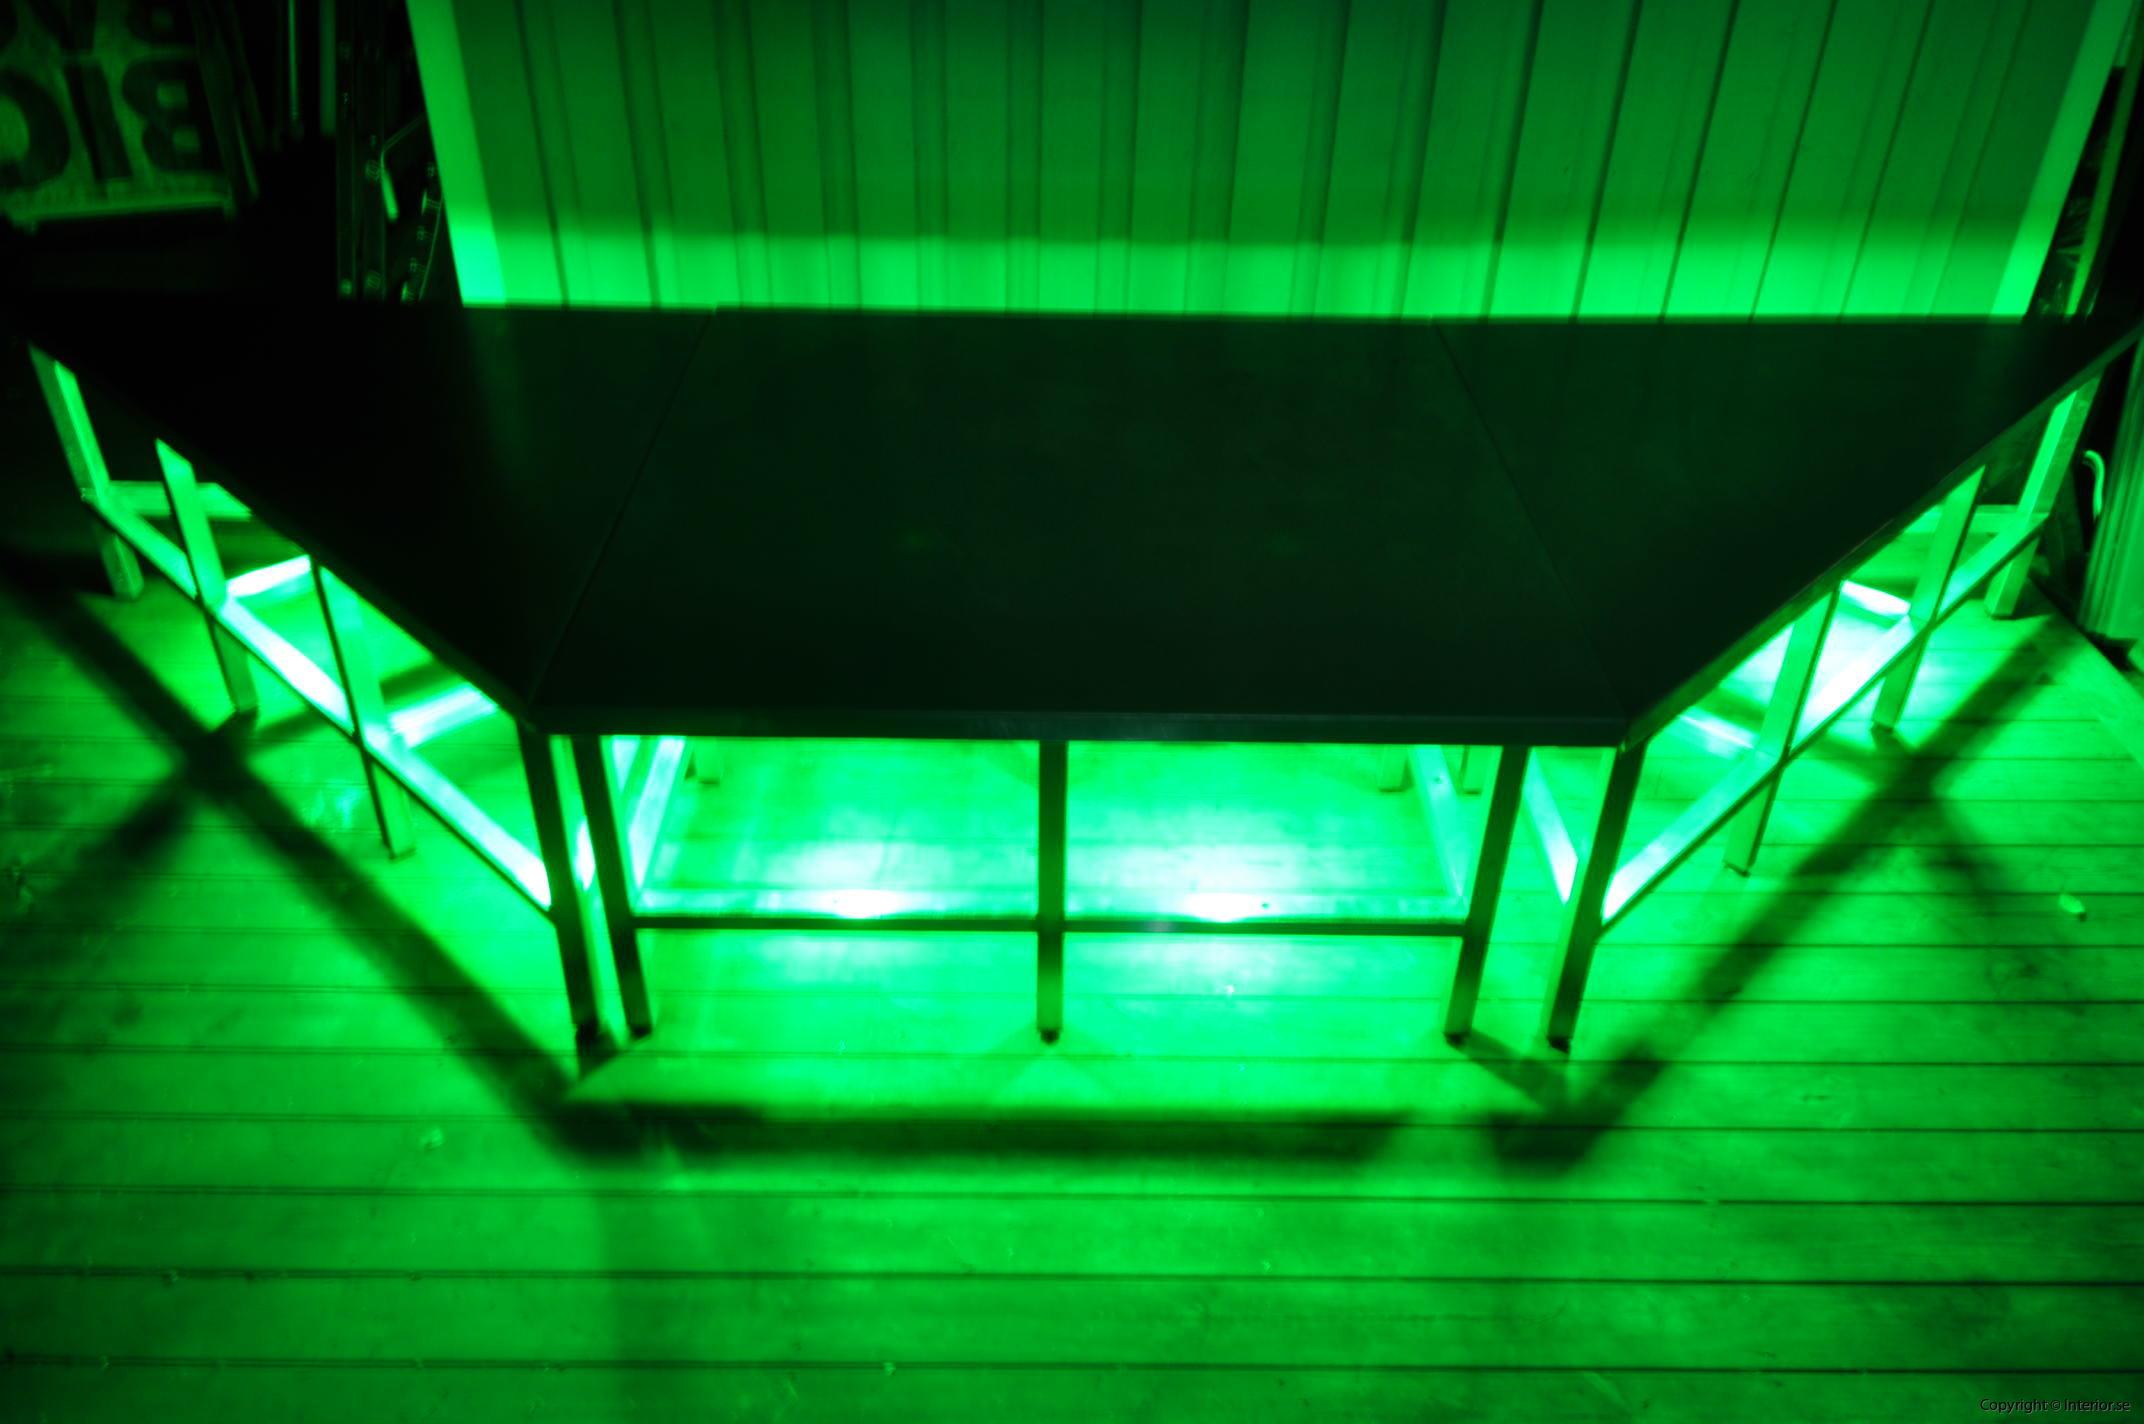 hyra scen podier podium rostfri dansscen hyr stockholm event möbler inredning (2)